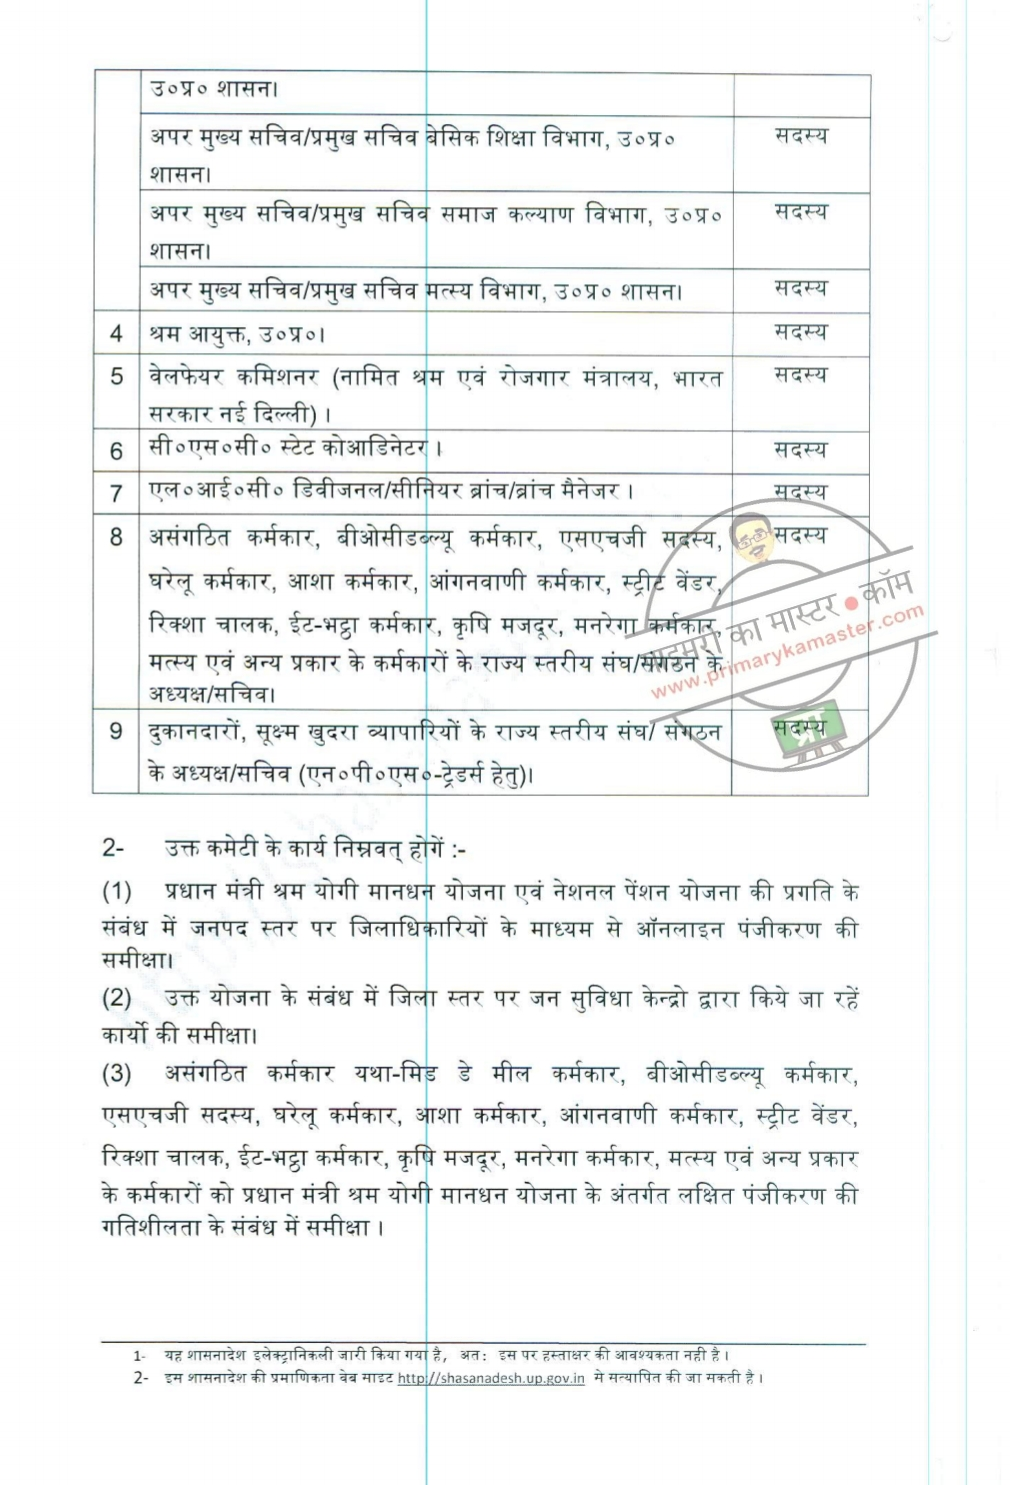 प्रधानमंत्री श्रम योगी मानधन योजना एवं नेशनल पेंशन योजना से पात्र लाभार्थियों को आच्छादित किये जाने के सम्बन्ध में -3